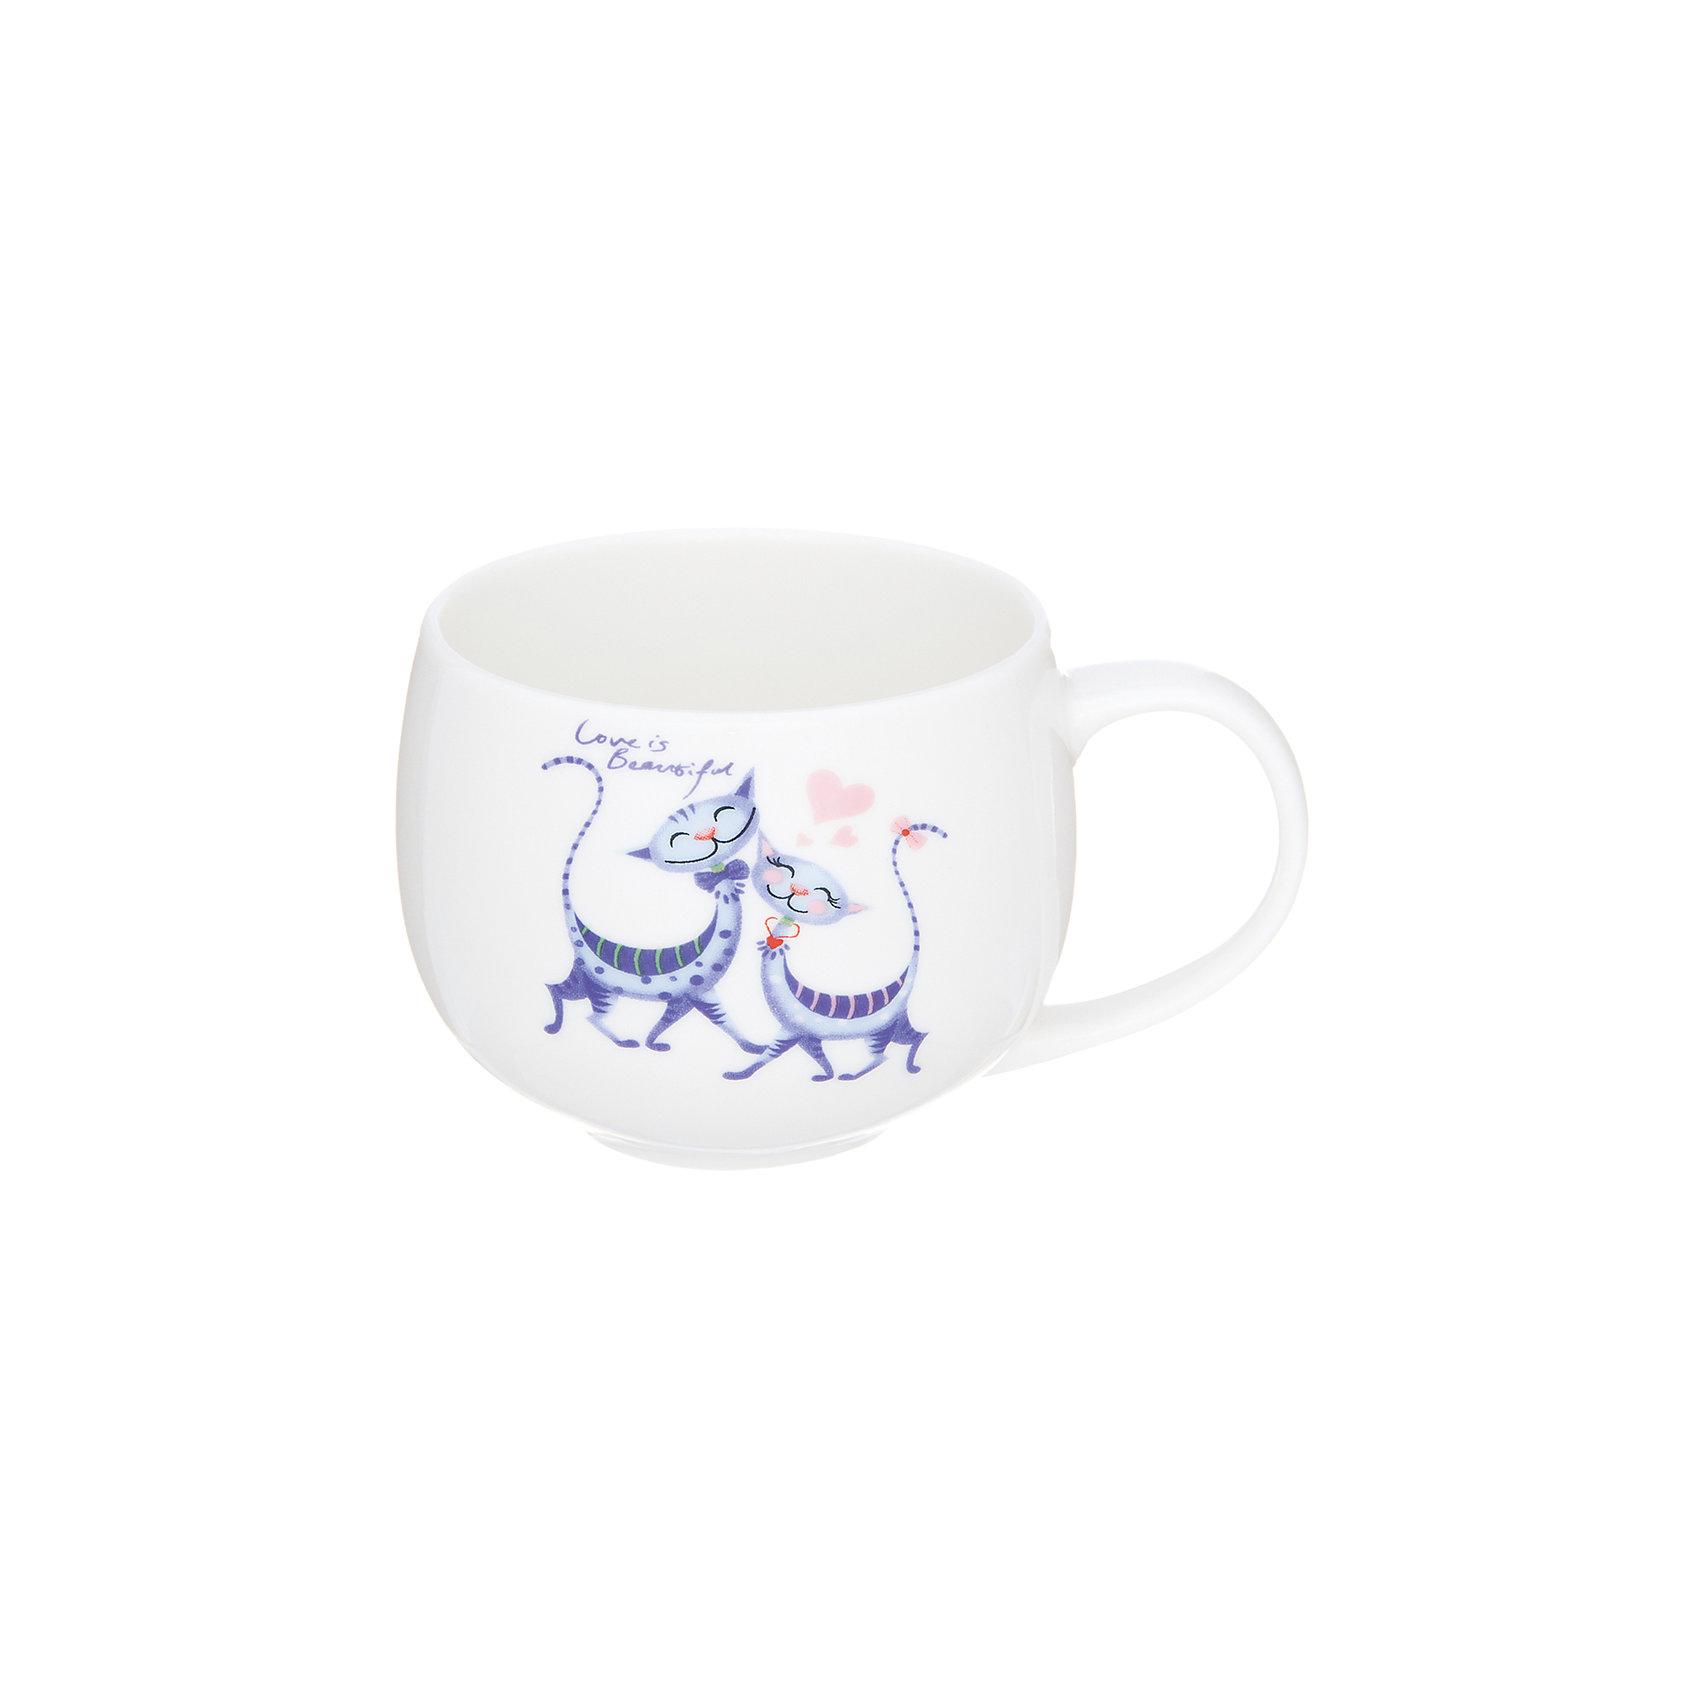 Кружка 330 мл Влюбленные коты, Elan GalleryПосуда<br>Характеристики товара:<br><br>• цвет: мульти<br>• материал: керамика<br>• размер: 12, х 9,5 х 11 см<br>• вес: 360 г<br>• объем: 330 мл<br>• силиконовая крышка в комплекте<br>• декорирована рисунком<br>• легко мыть<br>• удобная ручка<br>• для любых горячих и холодных напитков<br>• стильный дизайн<br>• страна бренда: Российская Федерация<br>• страна производства: Китай<br><br>Такая симпатичная кружка не только приятно выглядит, пить из неё - одно удовольствие! Благодаря универсальному дизайну и расцветке предмет хорошо будет смотреться в помещении. <br><br>Эта кружка может стать отличным приобретением для дома или подарком для любителей красивых и оригинальных вещей. <br><br>Бренд Elan Gallery - это красивые и практичные товары для дома с современным дизайном. Они добавляют в жильё уюта и комфорта! <br><br>Кружку 330 мл Влюбленные коты, Elan Gallery можно купить в нашем интернет-магазине.<br><br>Ширина мм: 115<br>Глубина мм: 95<br>Высота мм: 90<br>Вес г: 361<br>Возраст от месяцев: 0<br>Возраст до месяцев: 1188<br>Пол: Унисекс<br>Возраст: Детский<br>SKU: 6668859